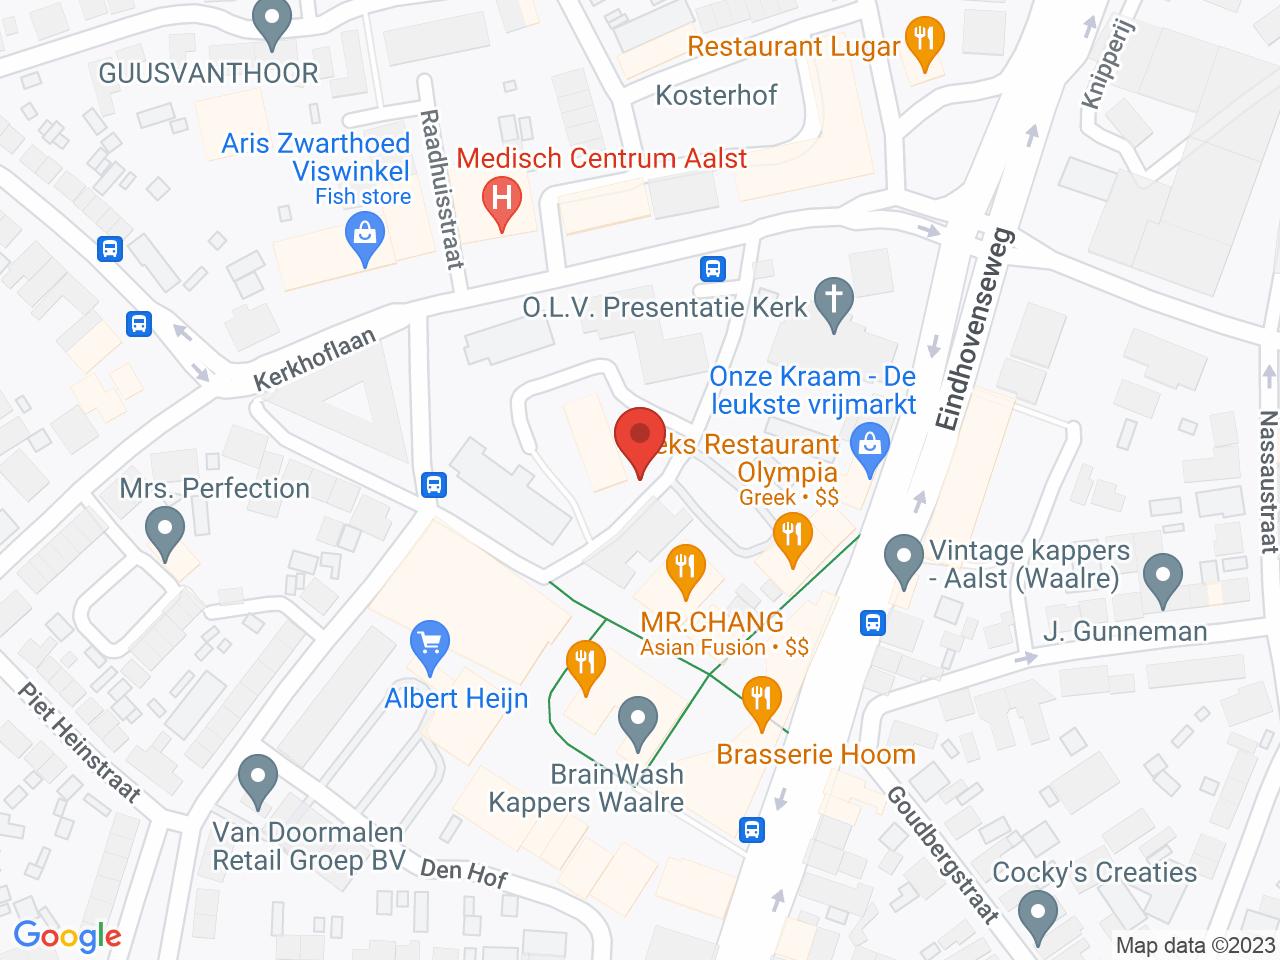 Winkelcentrum Den Hof-2 op een kaart getoond.